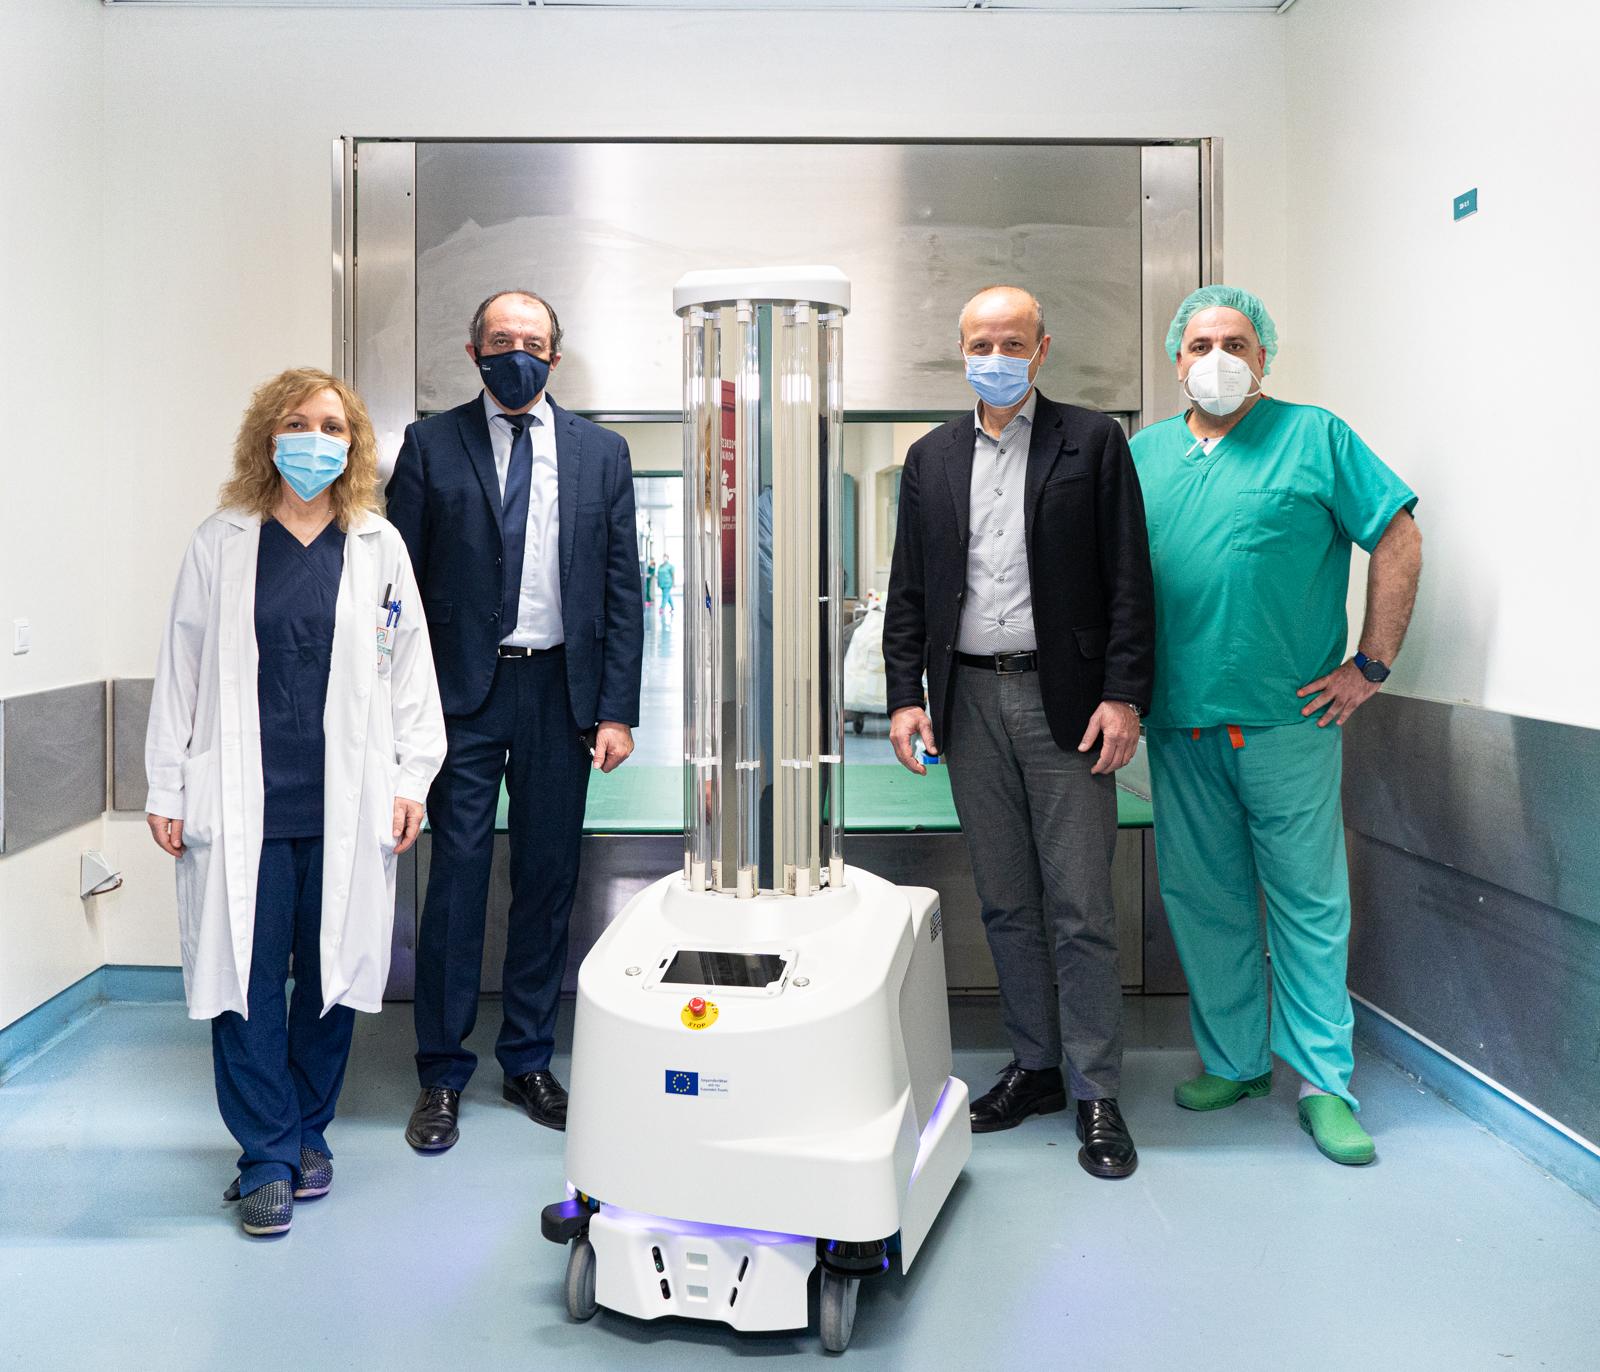 Η πρόεδρος της Επιτροπής Νοσοκομειακών Λοιμώξεων και συντονίστρια Covid-19 Κωστούλα Αρβανίτη, ο Γενικός Διευθυντής Κωνσταντίνος Εμμανουηλίδης, ο Πρόεδρος ΔΣ Μιχάλης Καραβιώτης και ο προϊστάμενος χειρουργείων Σάββας Μαυροματίδης, μαζί με το ρομπότ Τάλως στην είσοδο των κεντρικών χειρουργείων